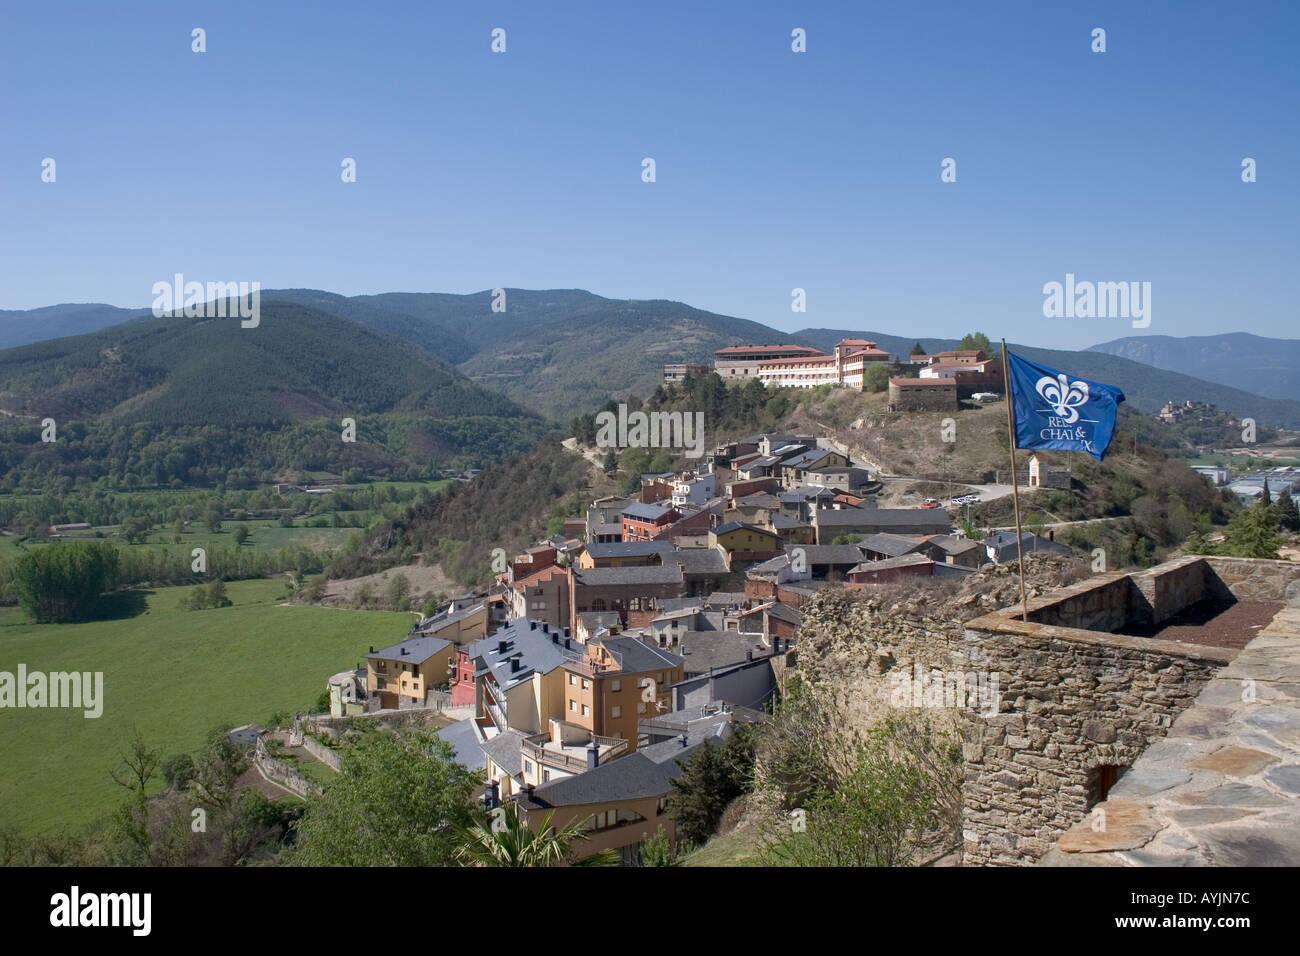 Thb El Castell De Ciutat Hotel In La Seu D Urgell